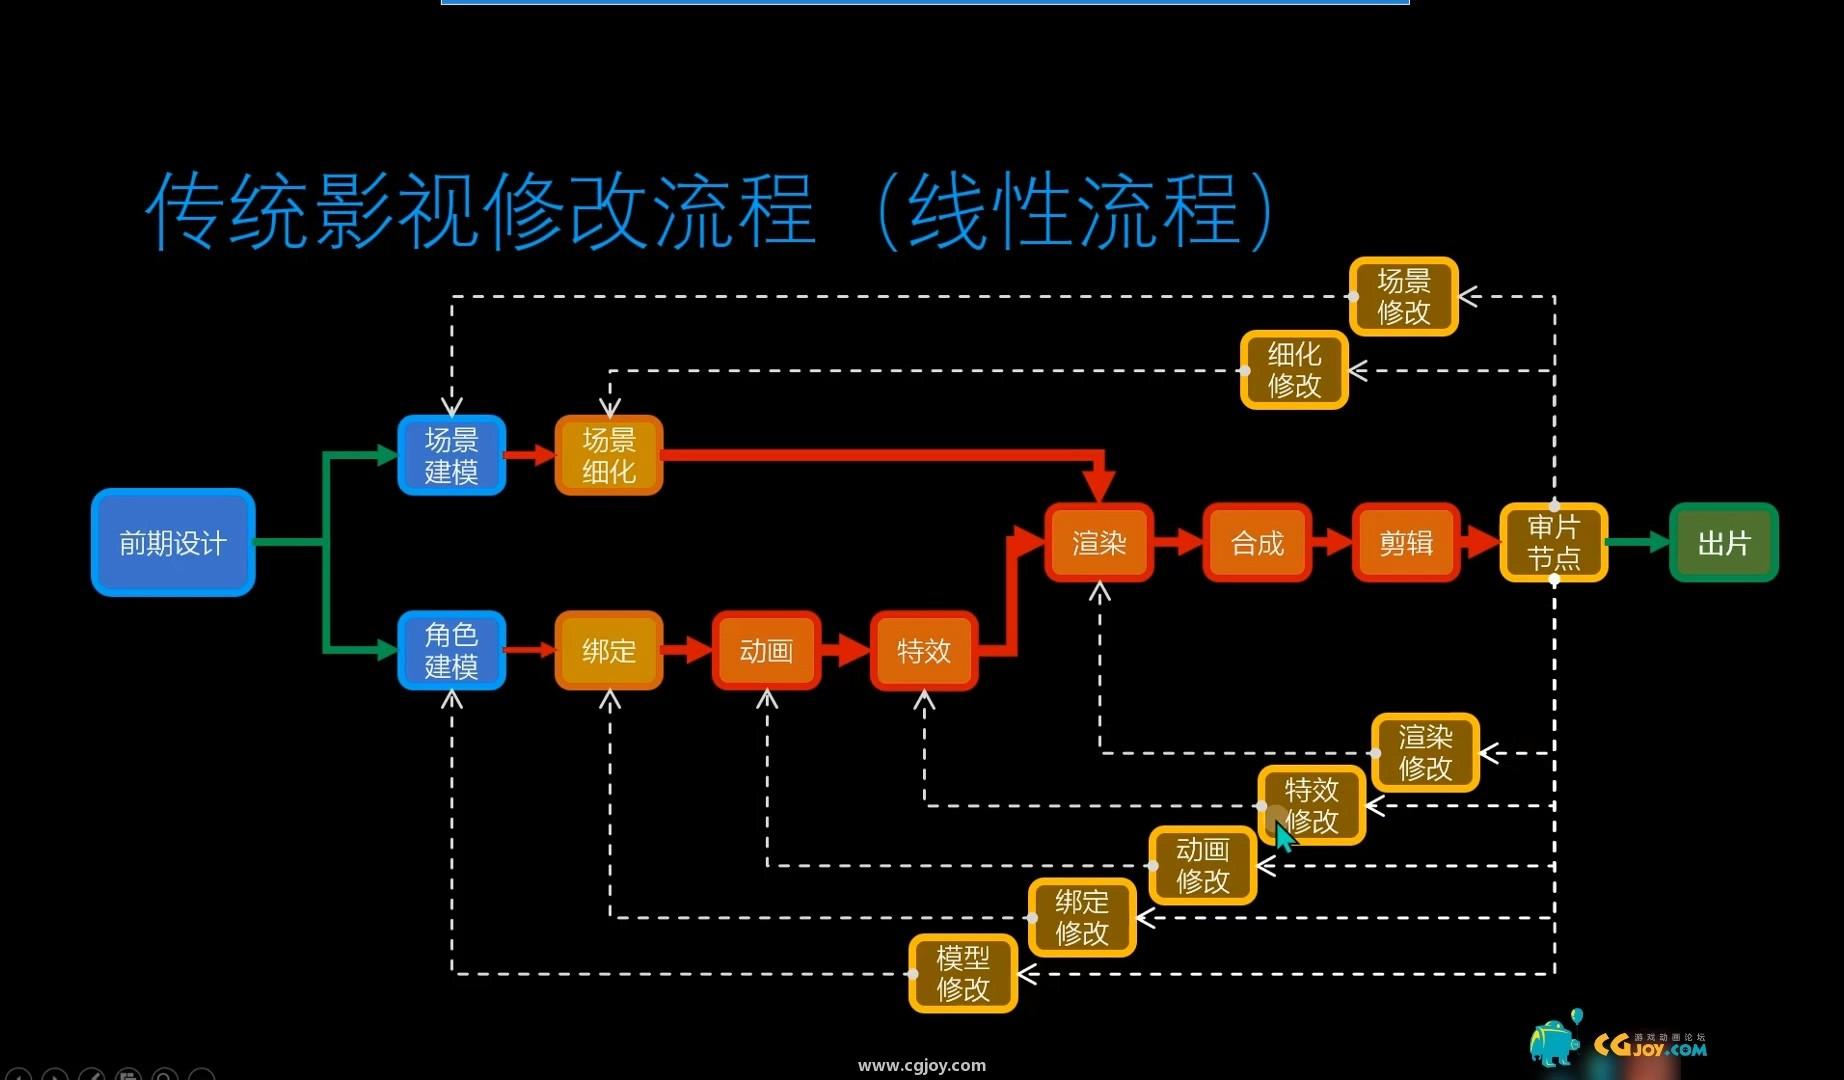 《虚幻引擎CG制作技术》——虚幻引擎的优势及界面介绍.mp4_20200102_231219.841.jpg